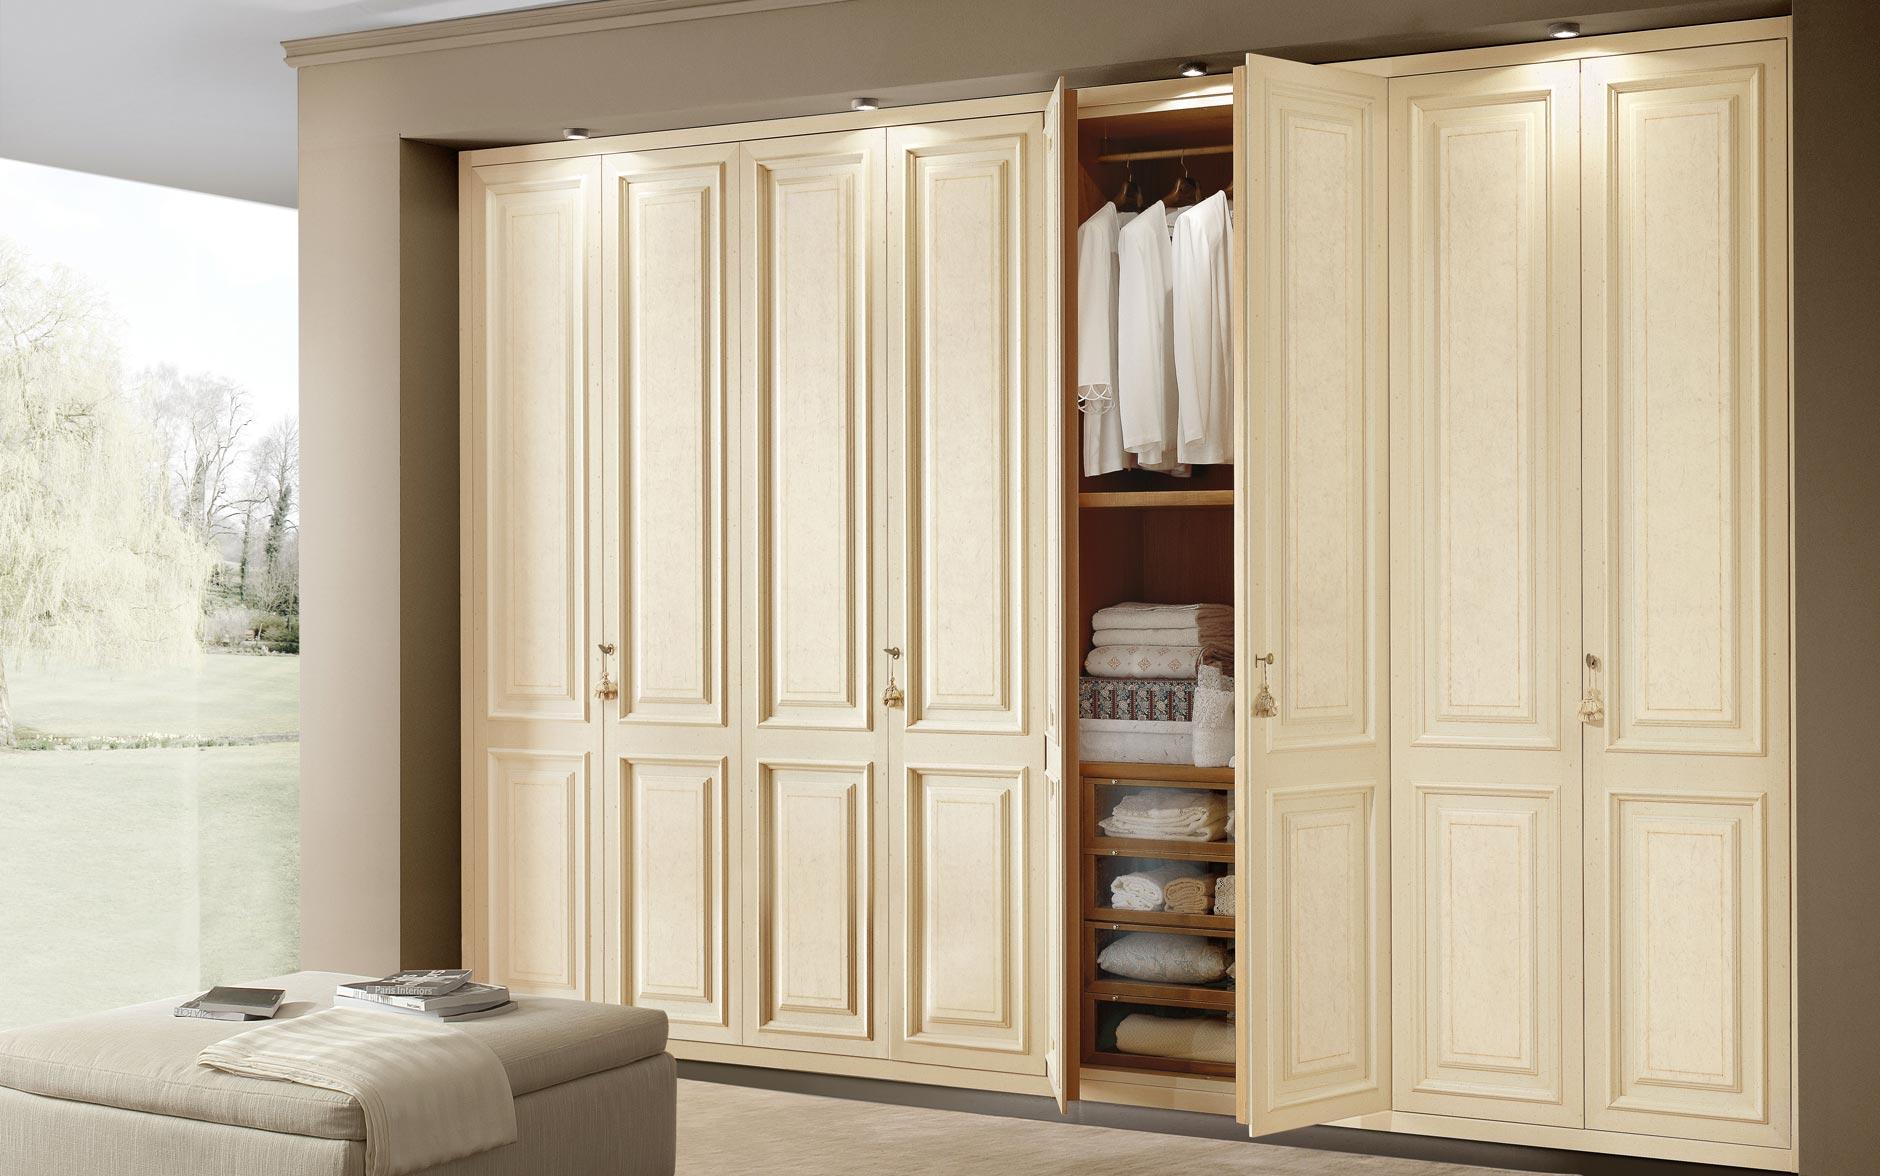 Шкафы распашные для одежды, плюсы и минусы, как вписать в ин.